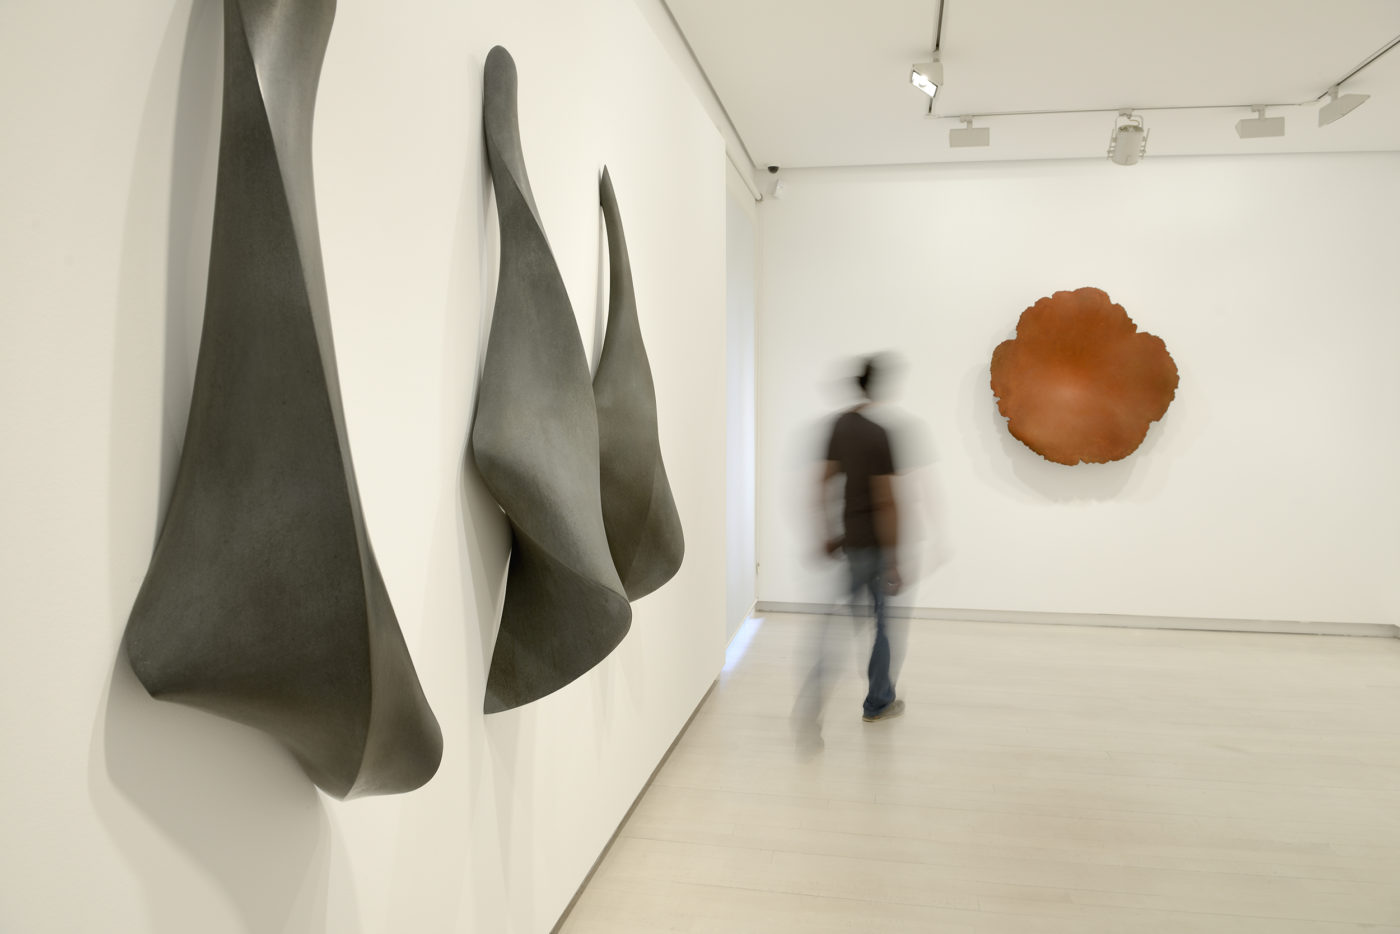 Juan Asensio Vistas de la exposición, 2015 Galería Elvira González